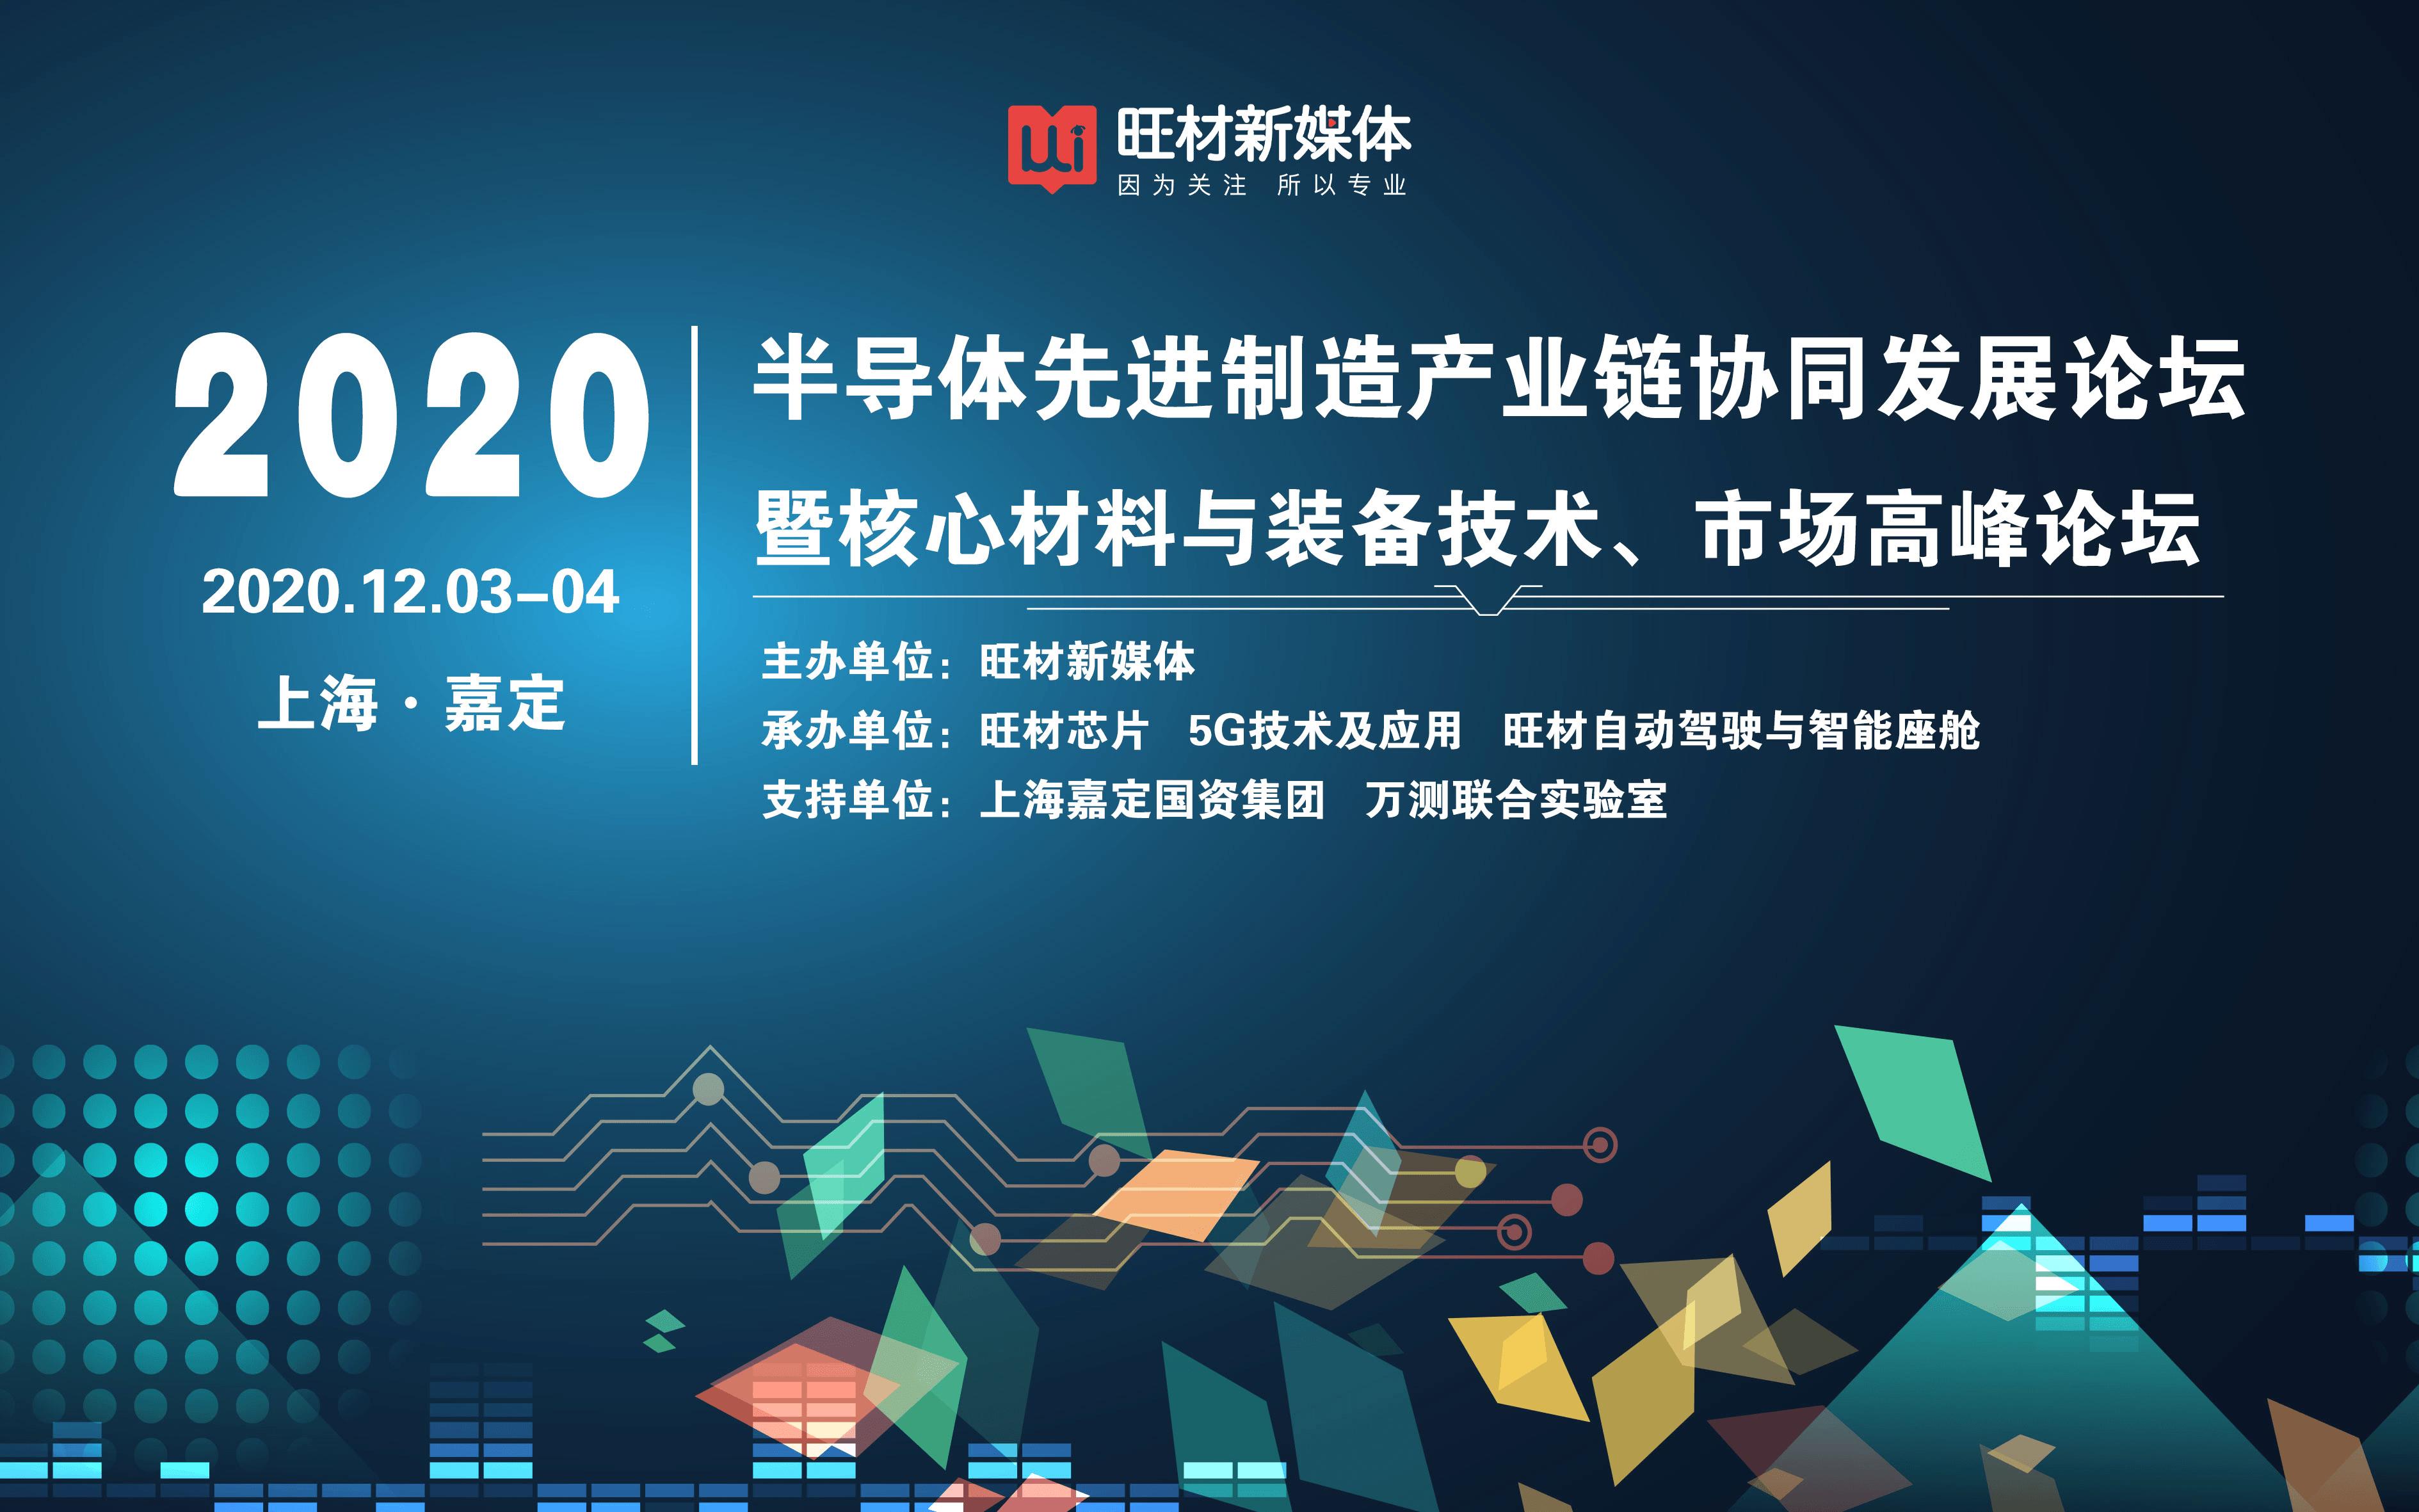 2020半导体先进制造产业链协同发展论坛暨核心材料与装备技术、市场高峰论坛